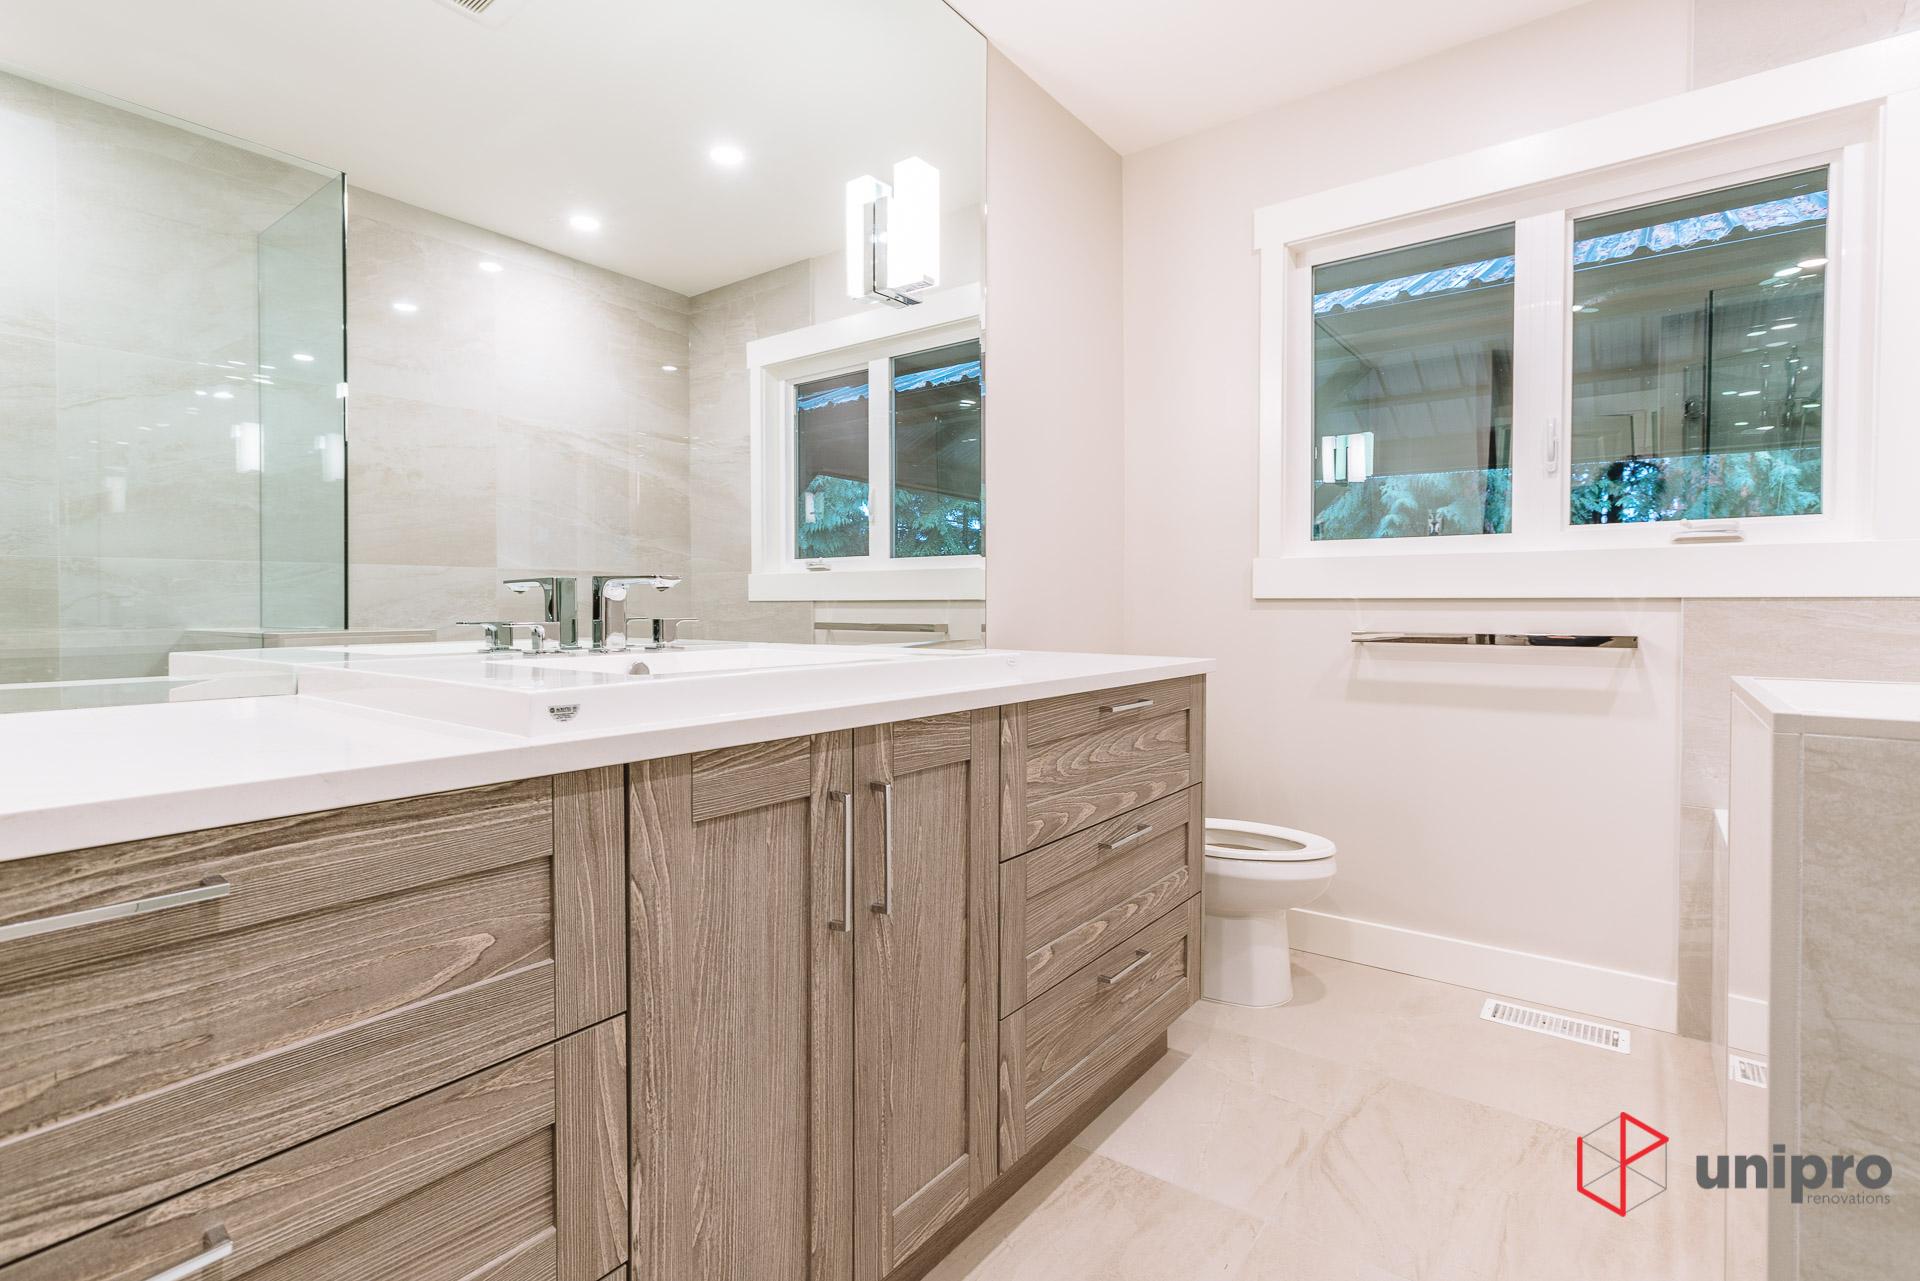 north-vancouver-bathroom-renovation-4